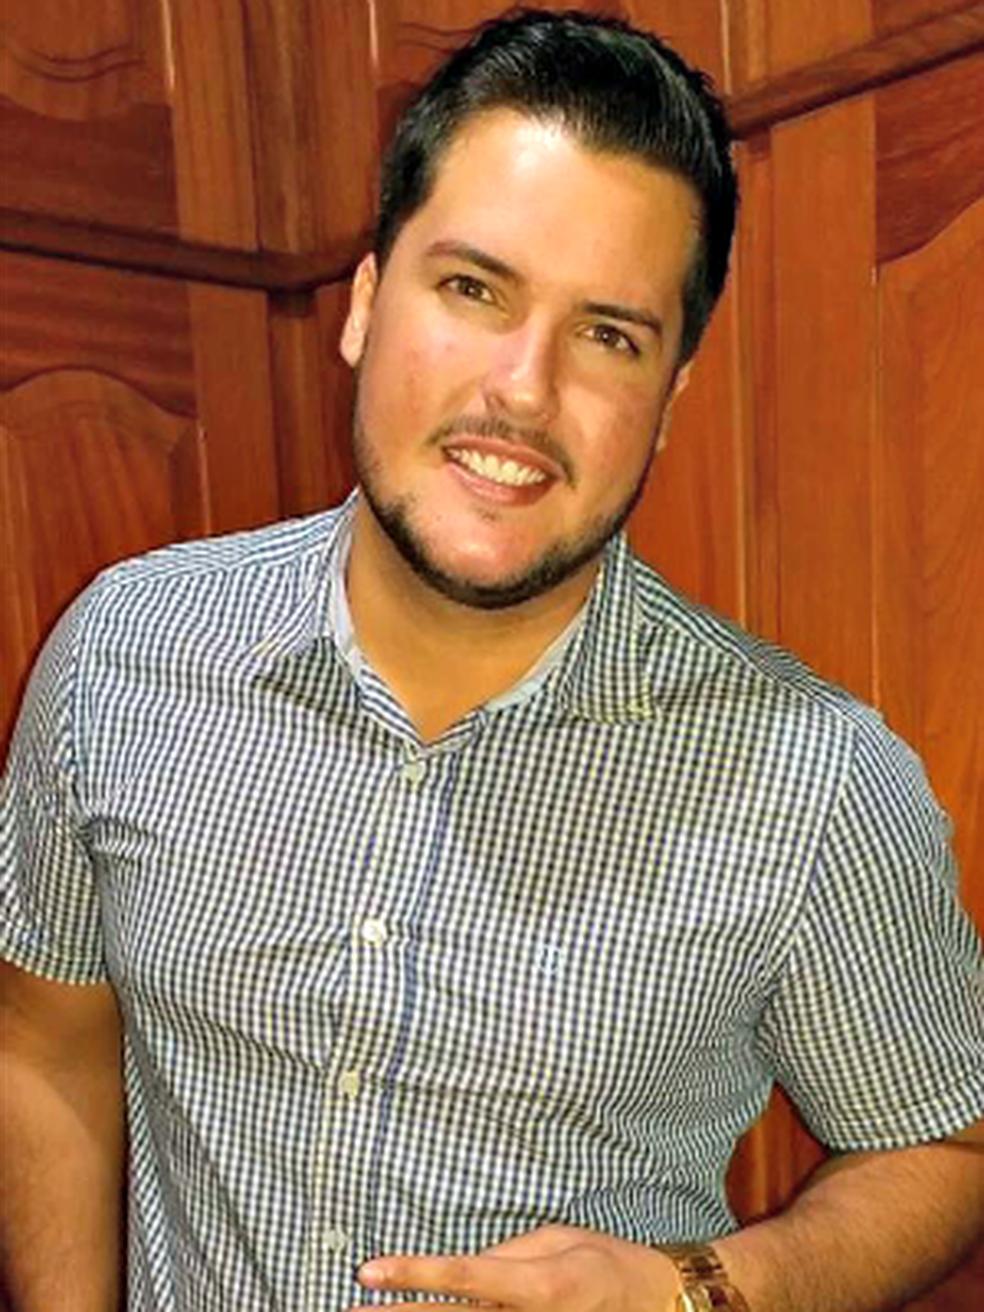 Rafael Chaves Frota morreu após ser atingido por um tiro em uma boate no Acre (Foto: Arquivo pessoal)